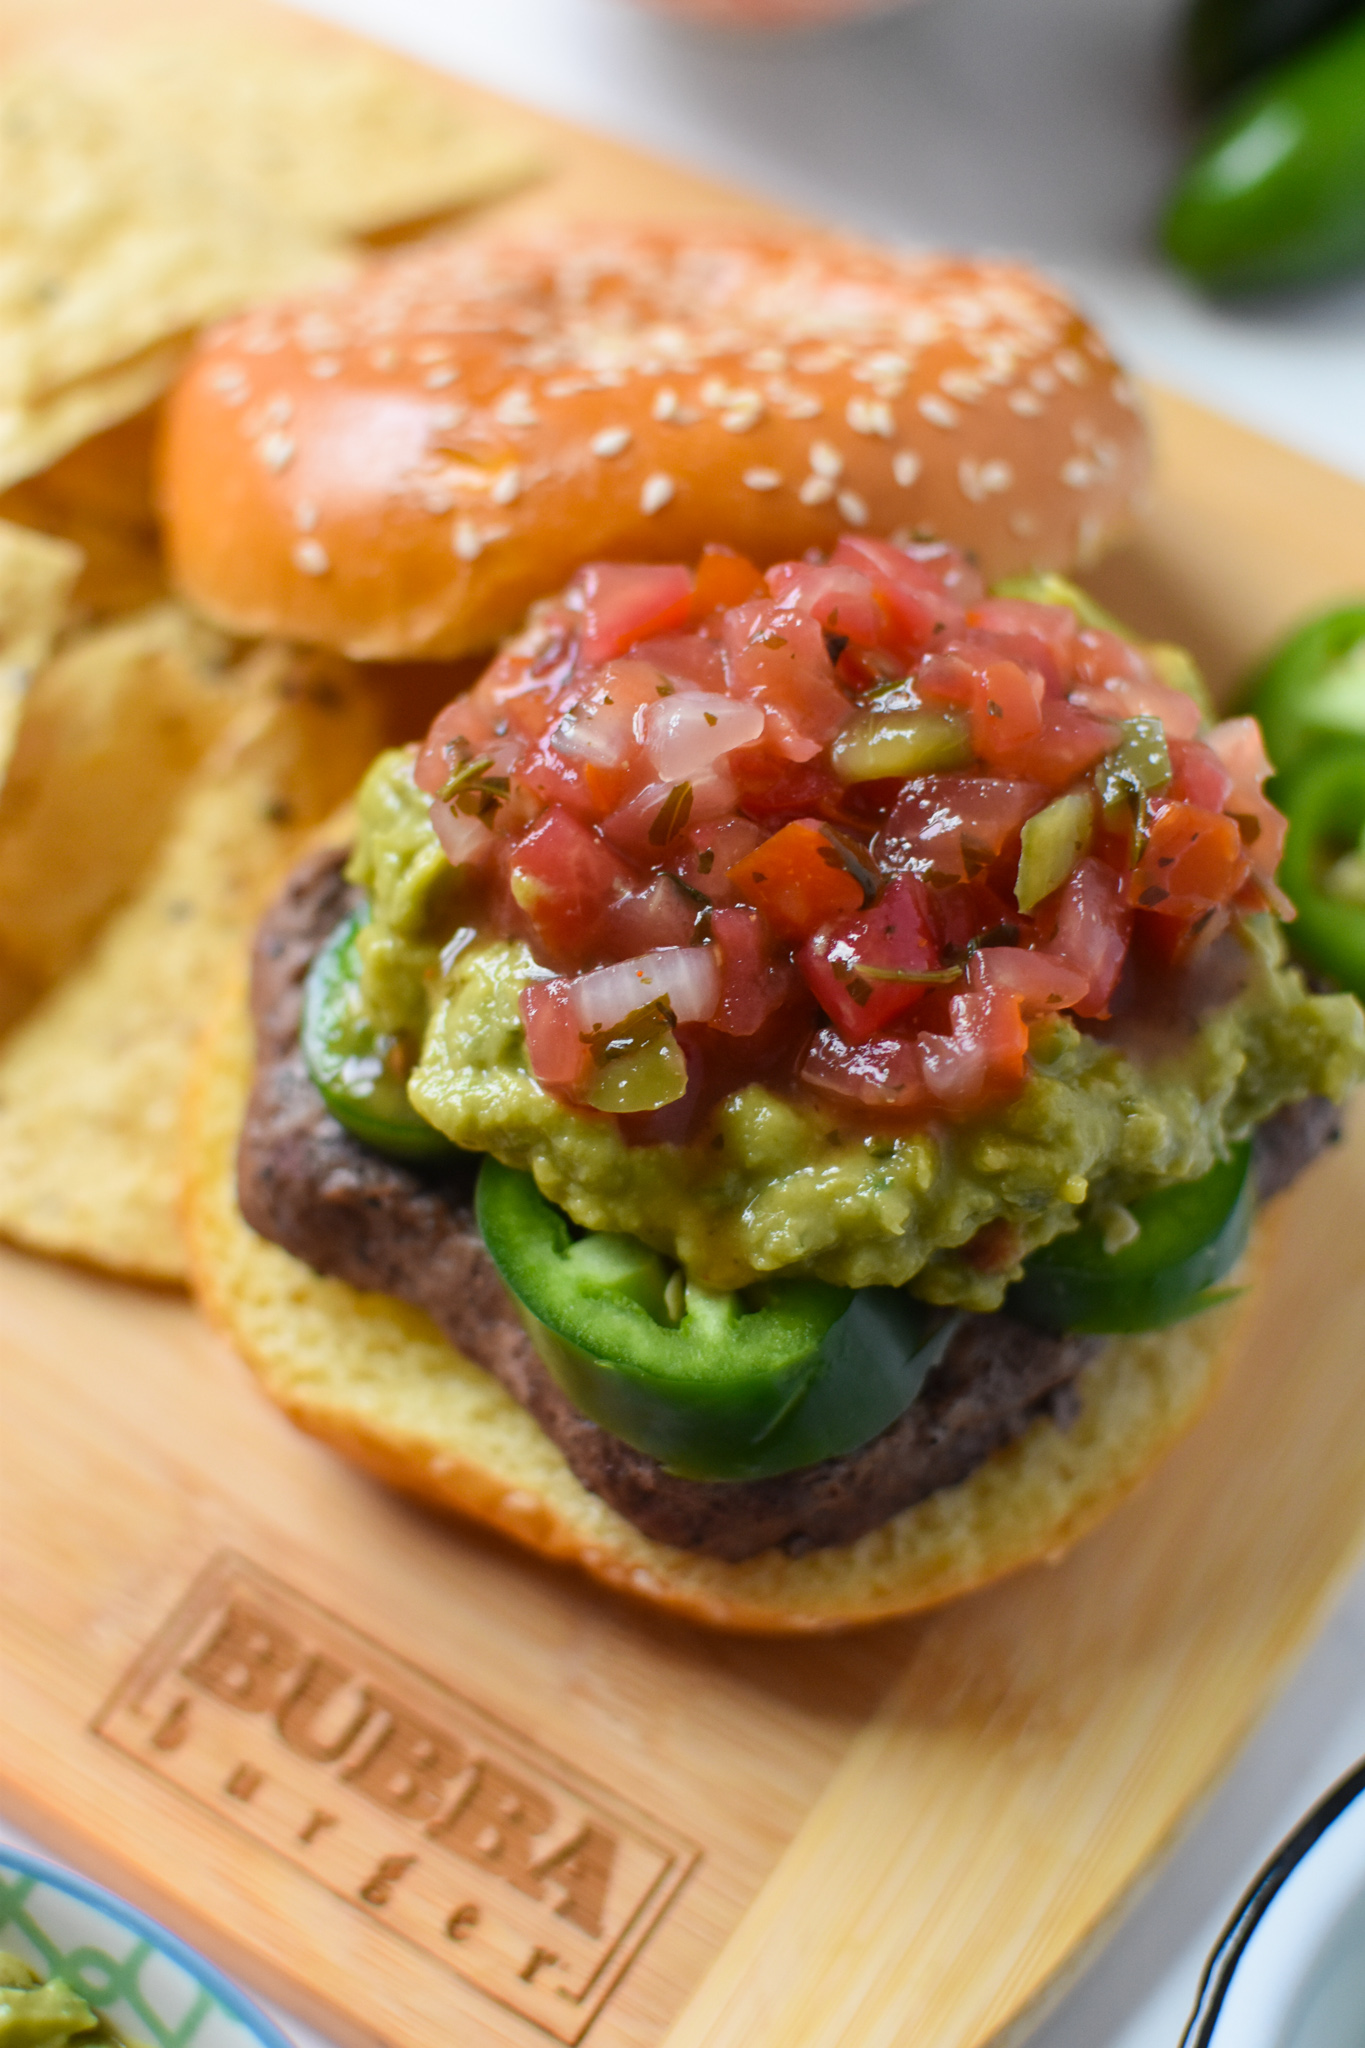 Tex Mex Burger with guacamole.